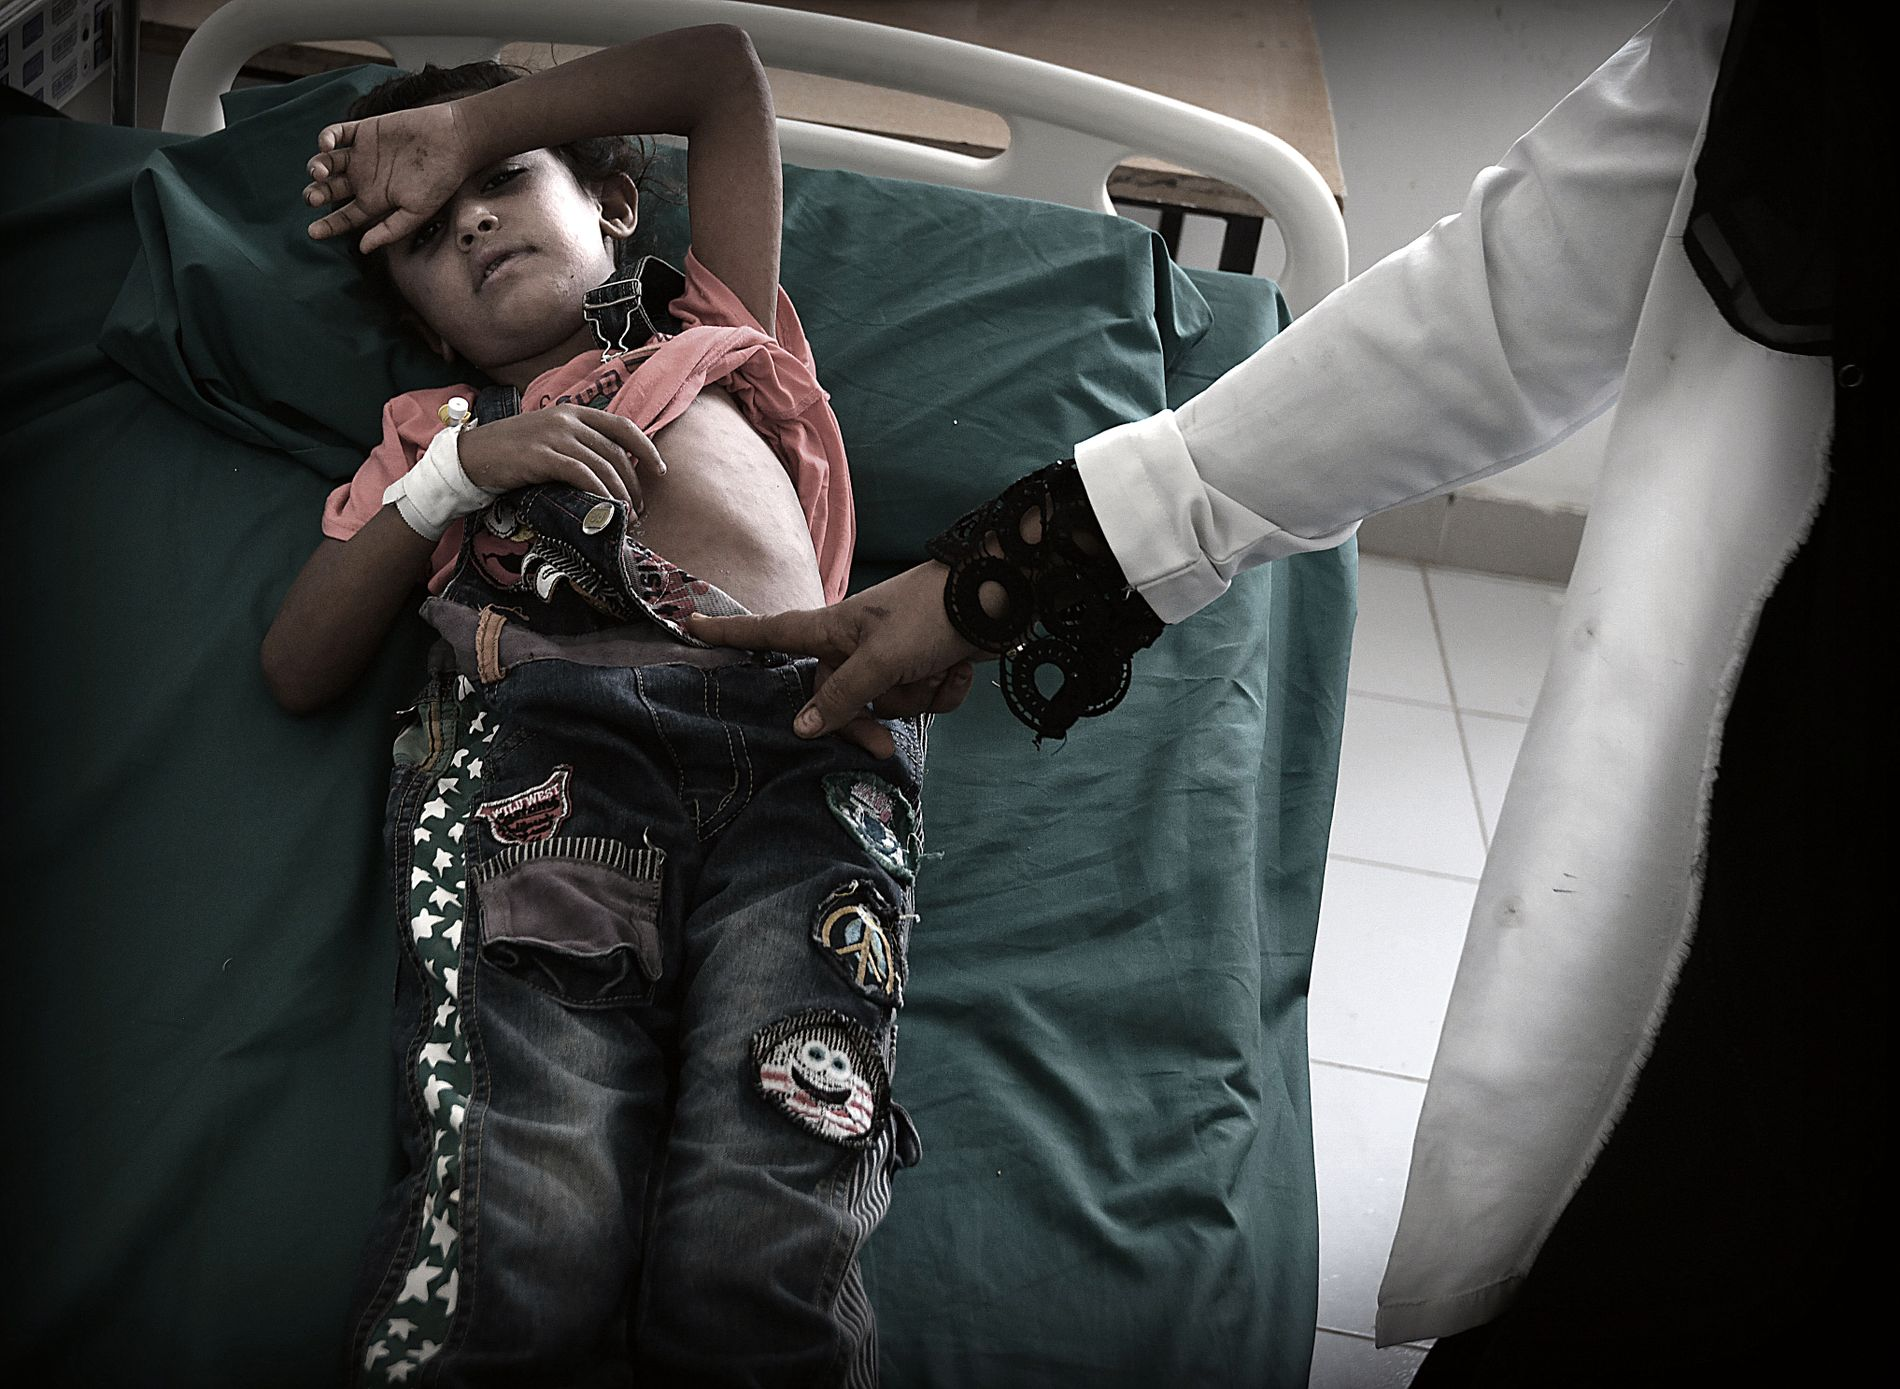 «JEG TRODDE HUN SKULLE DØ»: Moren til fem år gamle Khulud Rashid fryktet det verste da jenta ble akutt dårlig. Nå får hun behandling mot meslinger ved sykehuset i Zinjibar i Abyan-provinsen. Kroppen er dekket av rødt utslett.